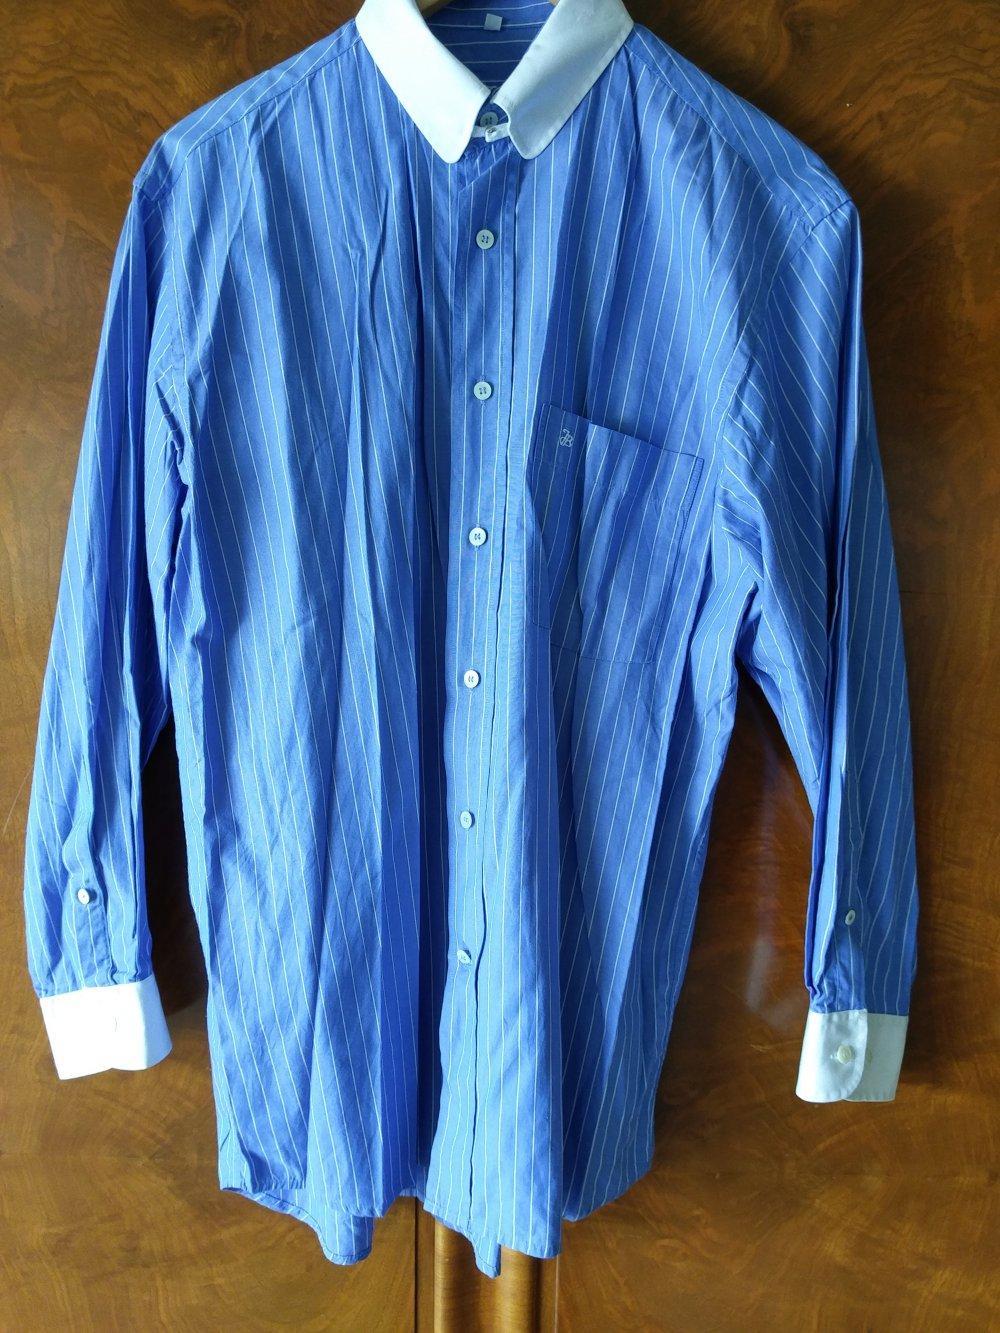 ... Hemd blau-weiß gestreift von Jacques Britt (Größe M - Kragenweite 39) 56bfd86f7f